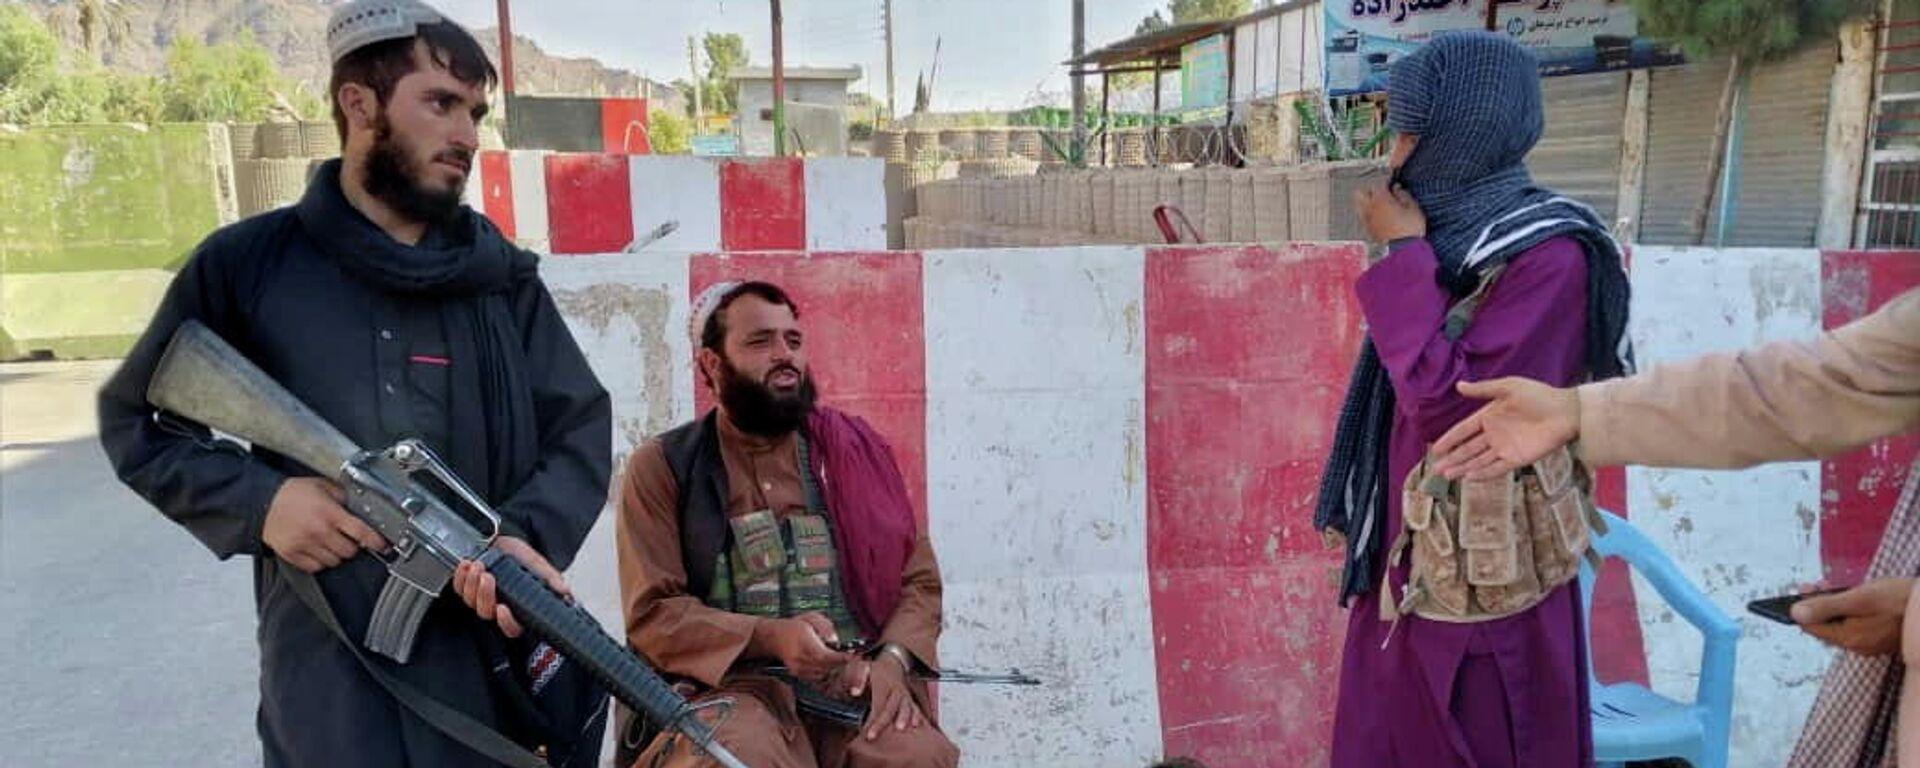 Combatientes talibanes montan guardia en un puesto de control en Farah, Afganistán, 11 de agosto de 2021 - Sputnik Mundo, 1920, 12.08.2021